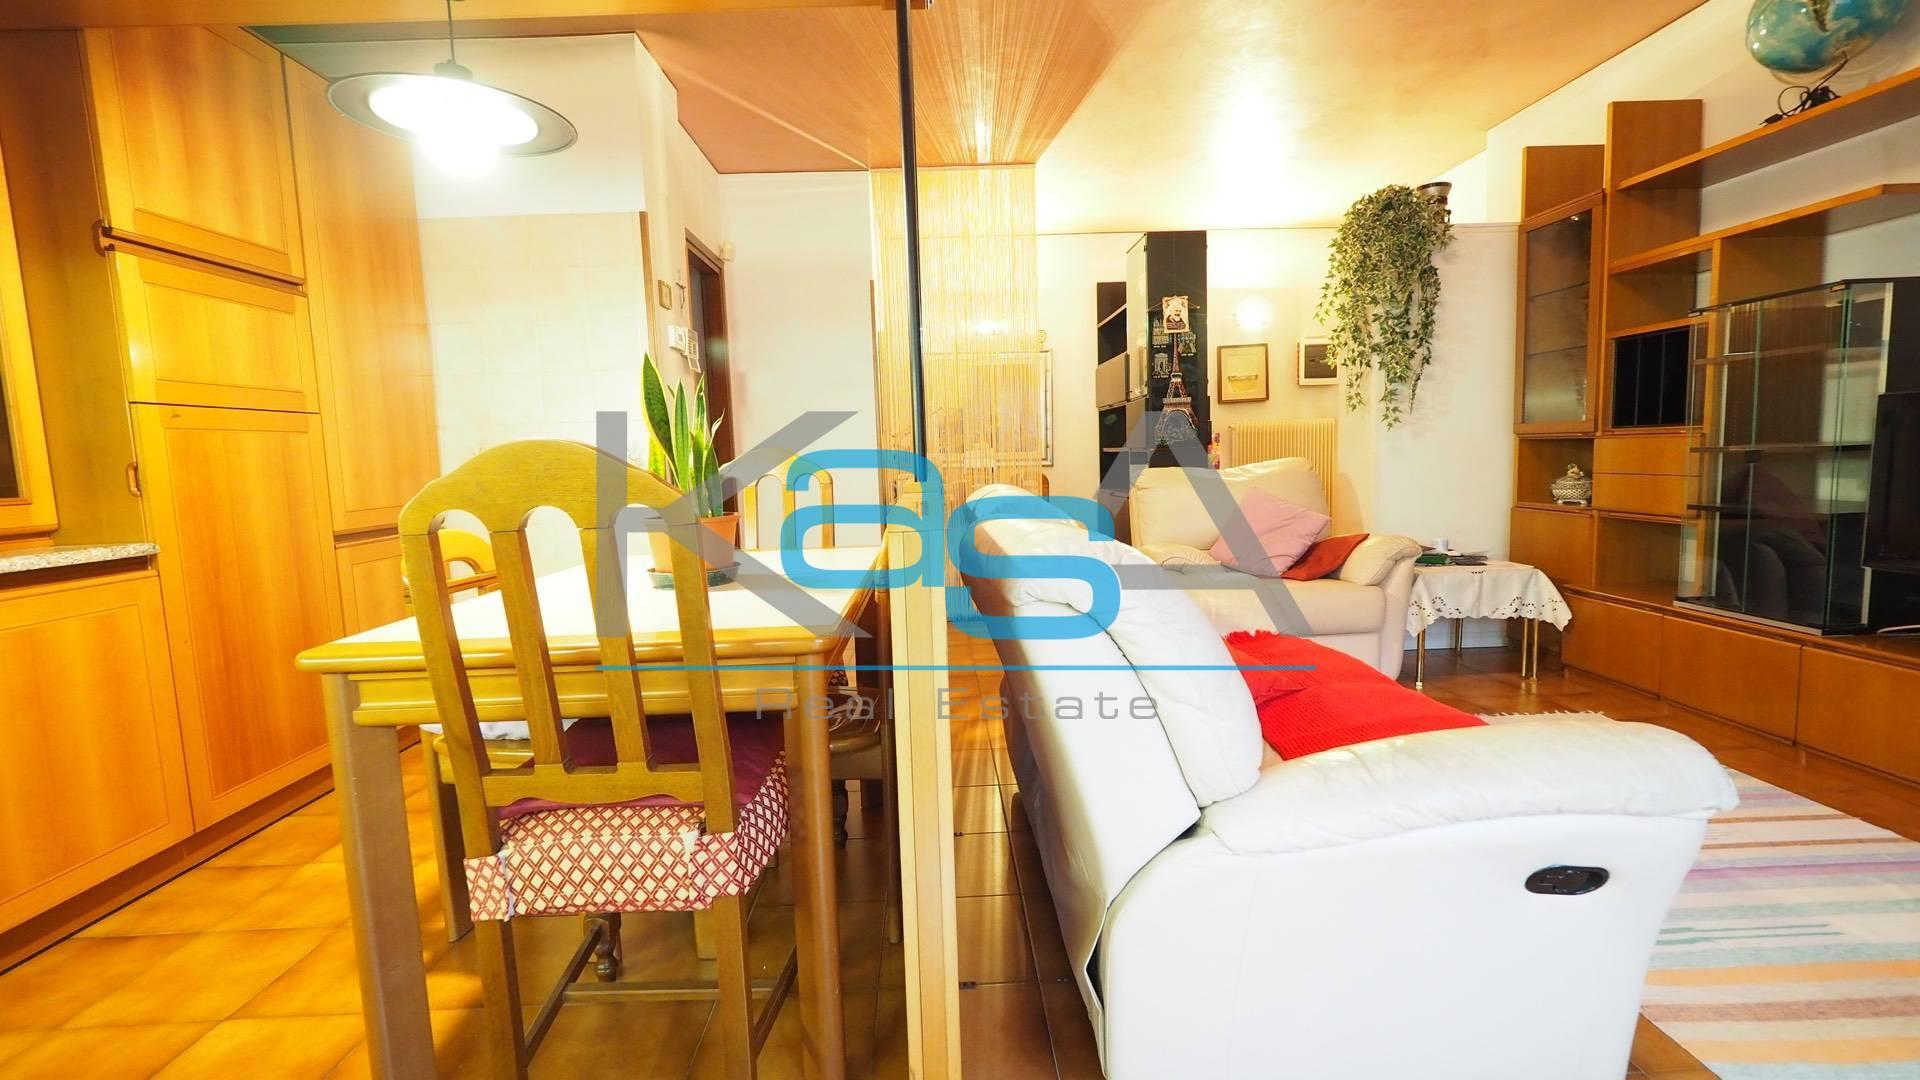 Appartamento in vendita a Silea, 5 locali, prezzo € 125.000   PortaleAgenzieImmobiliari.it